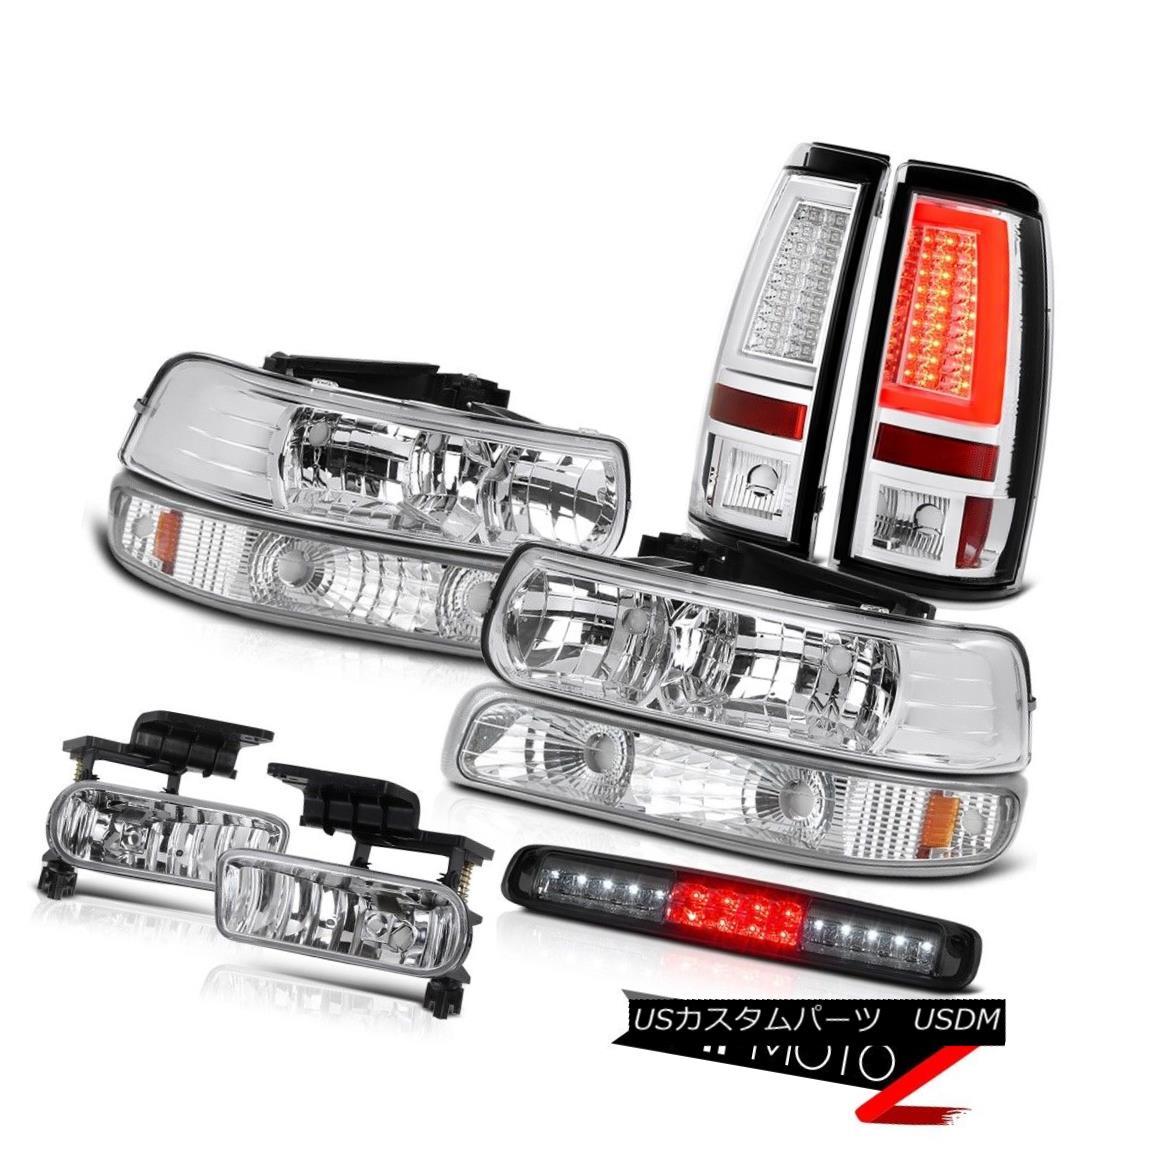 テールライト 99-02 Chevy Silverado Tail Lamps Parking Lamp Headlamps Roof Cab Light Foglights 99-02シボレーシルバラードテールランプパーキングランプヘッドランプルーフキャブライトフォグライト